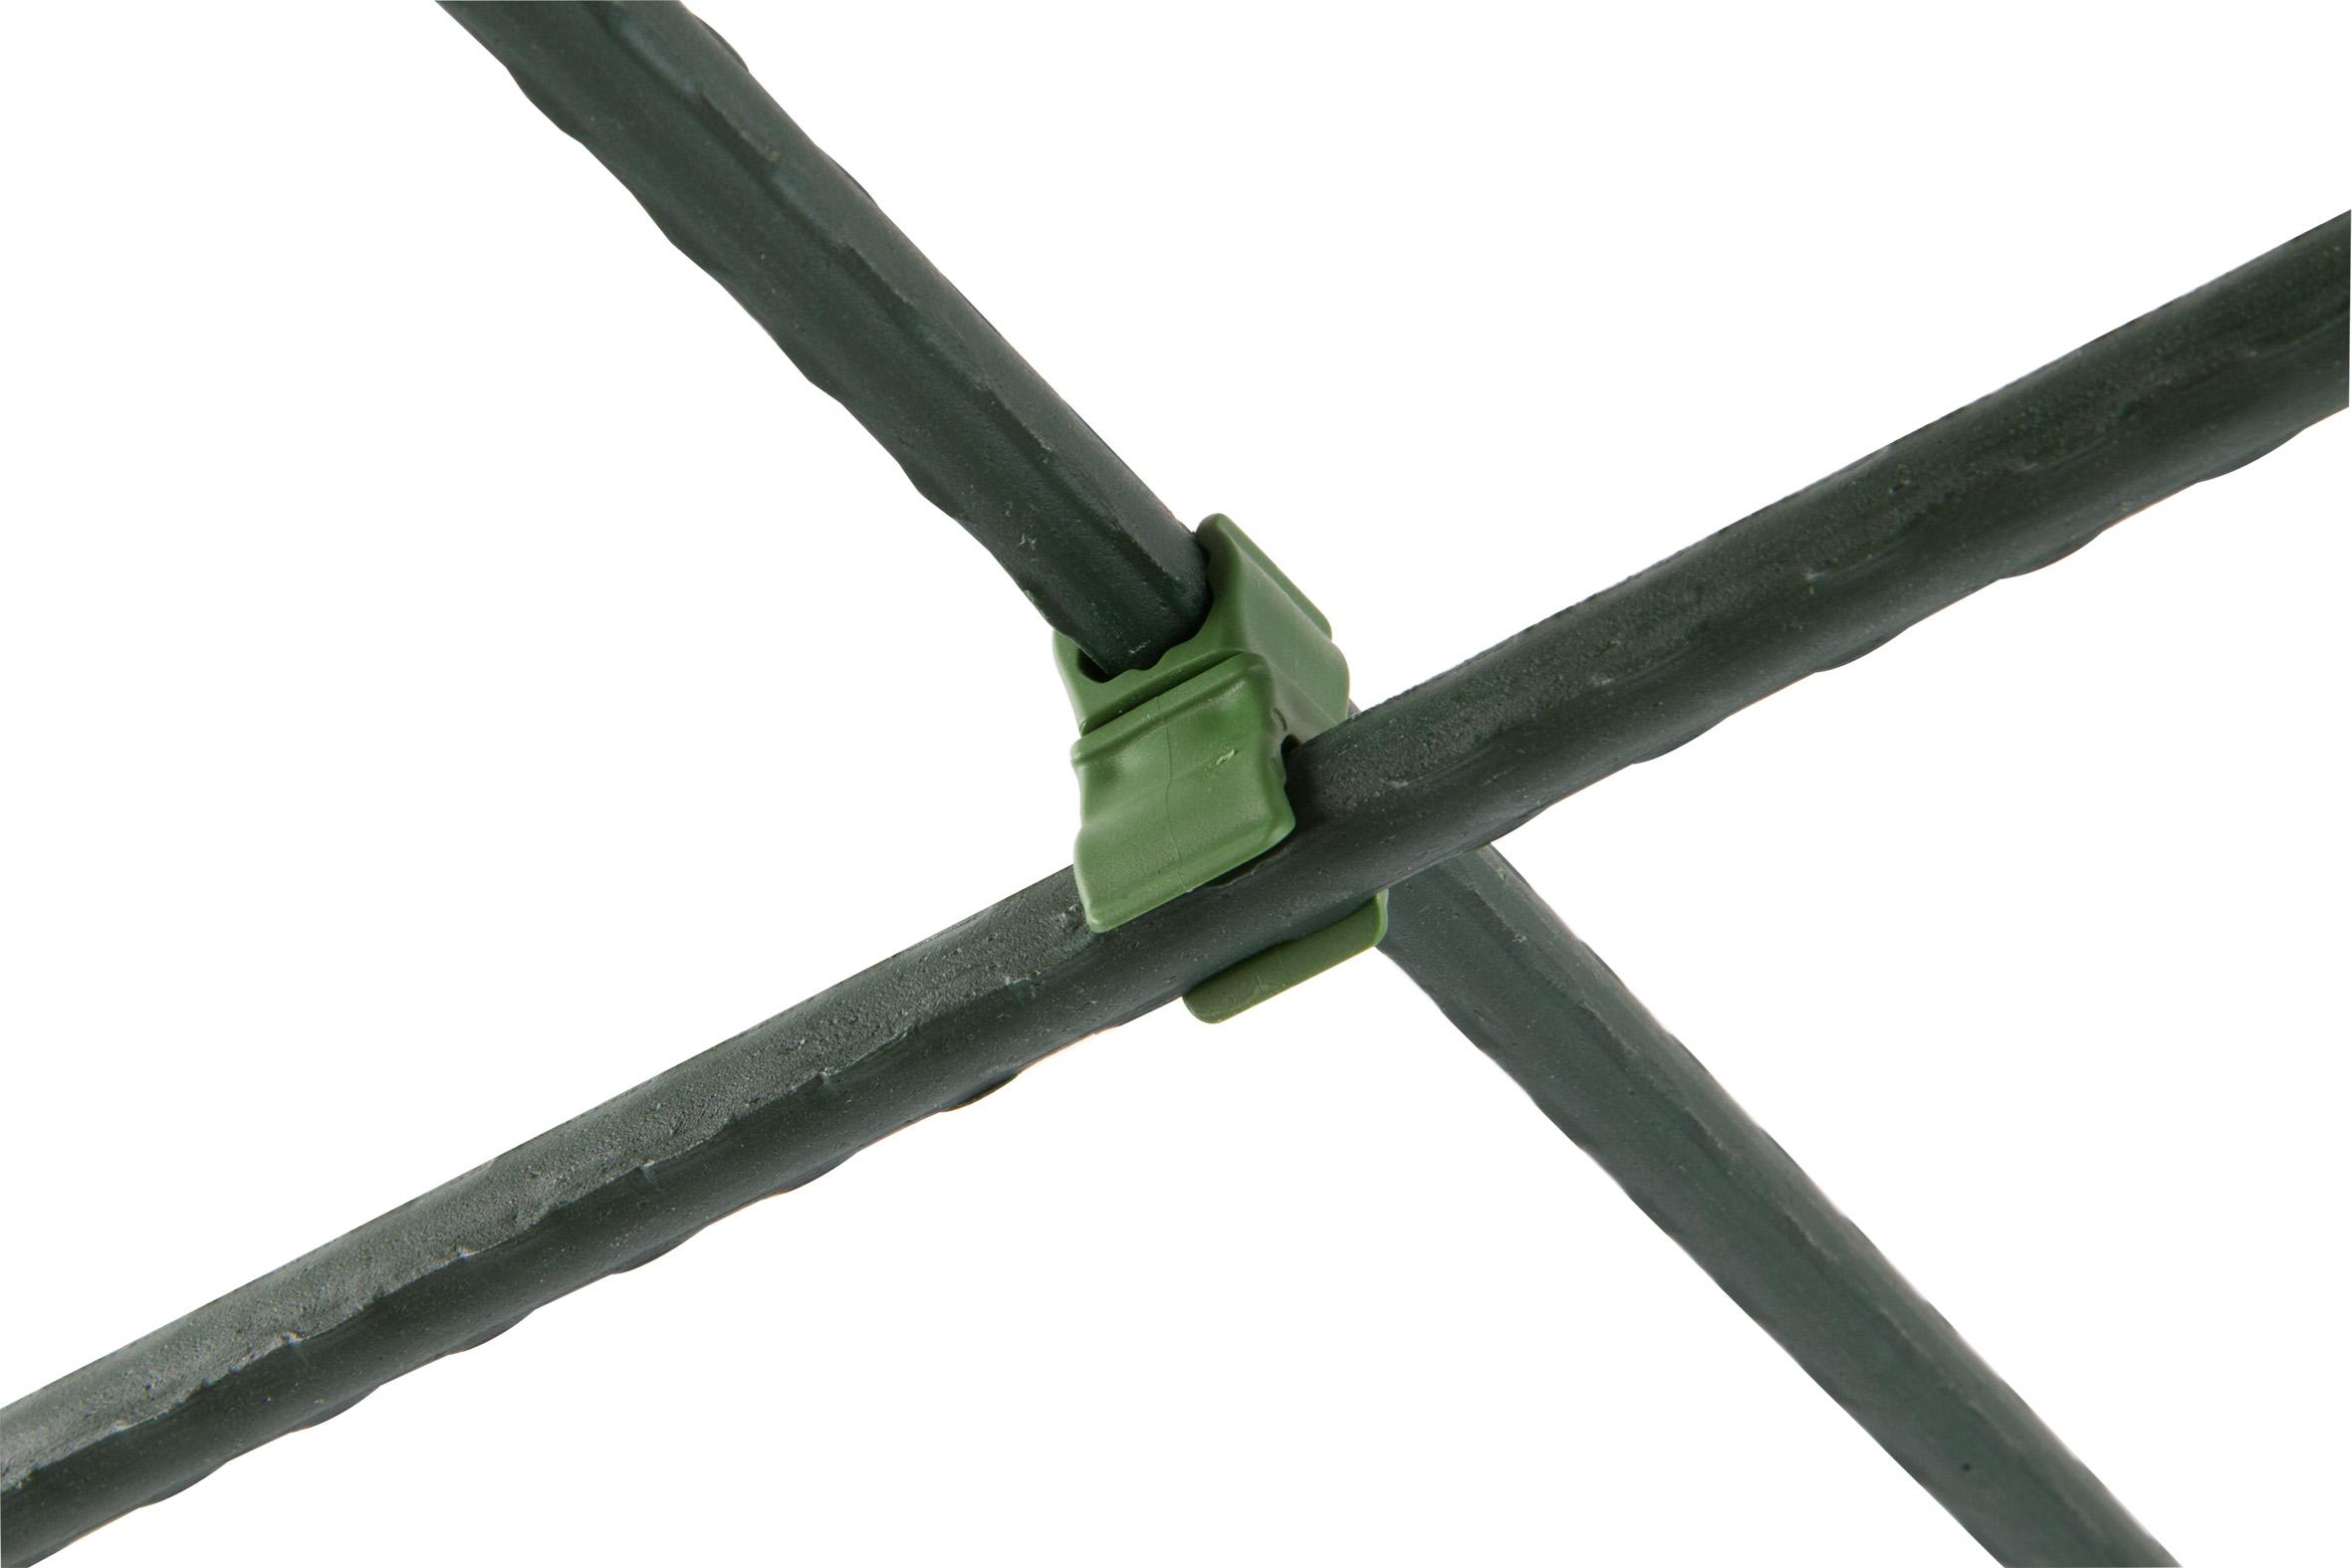 Spojka plastová 16 mm - 45672 4Kg